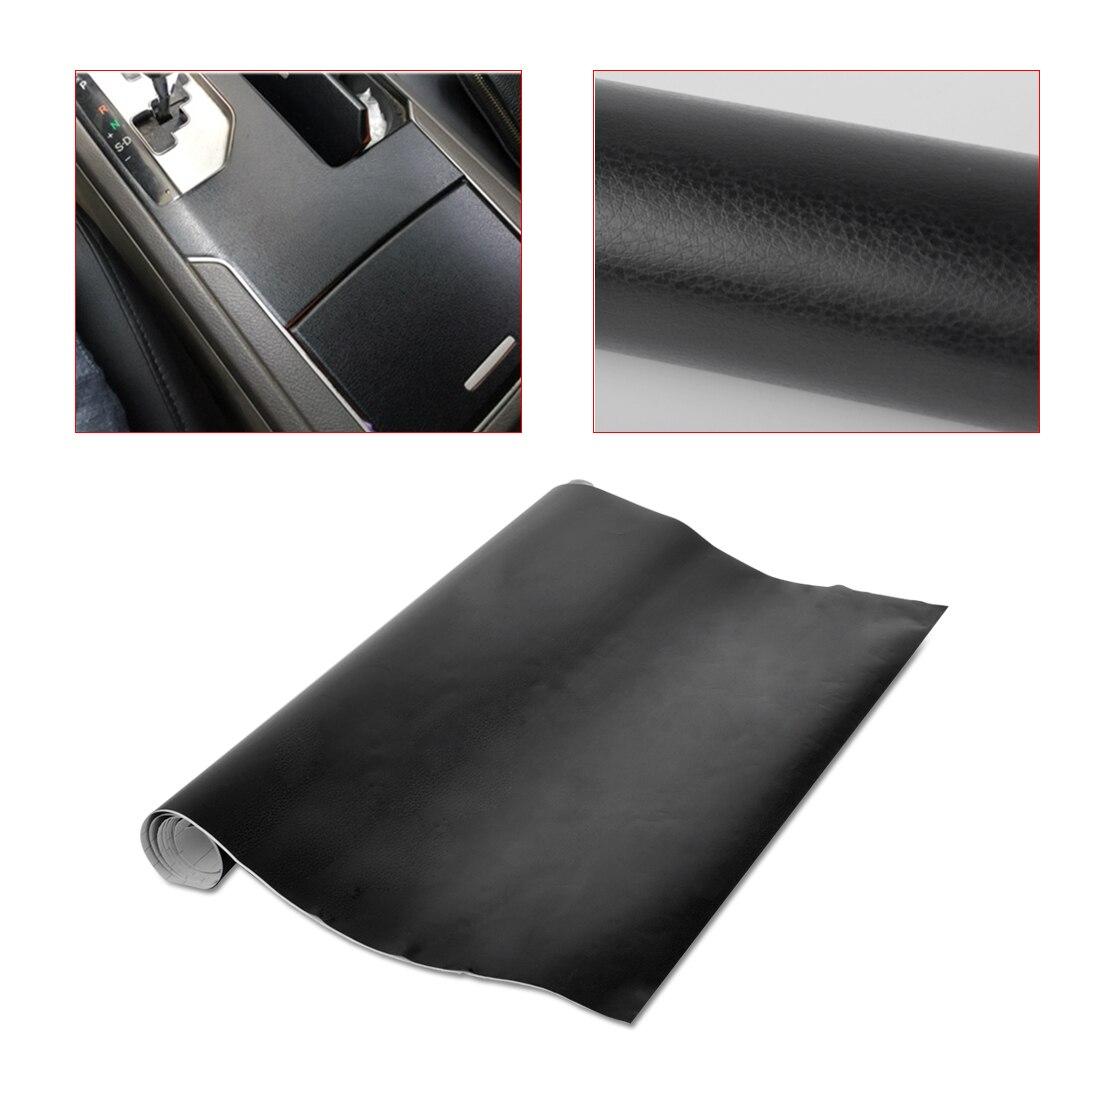 белер 150x50cm черный искусственной кожи текстура пленка обернуть рулон наклейка для авто автомобиль для VW Форд Ауди БМВ Шевроле